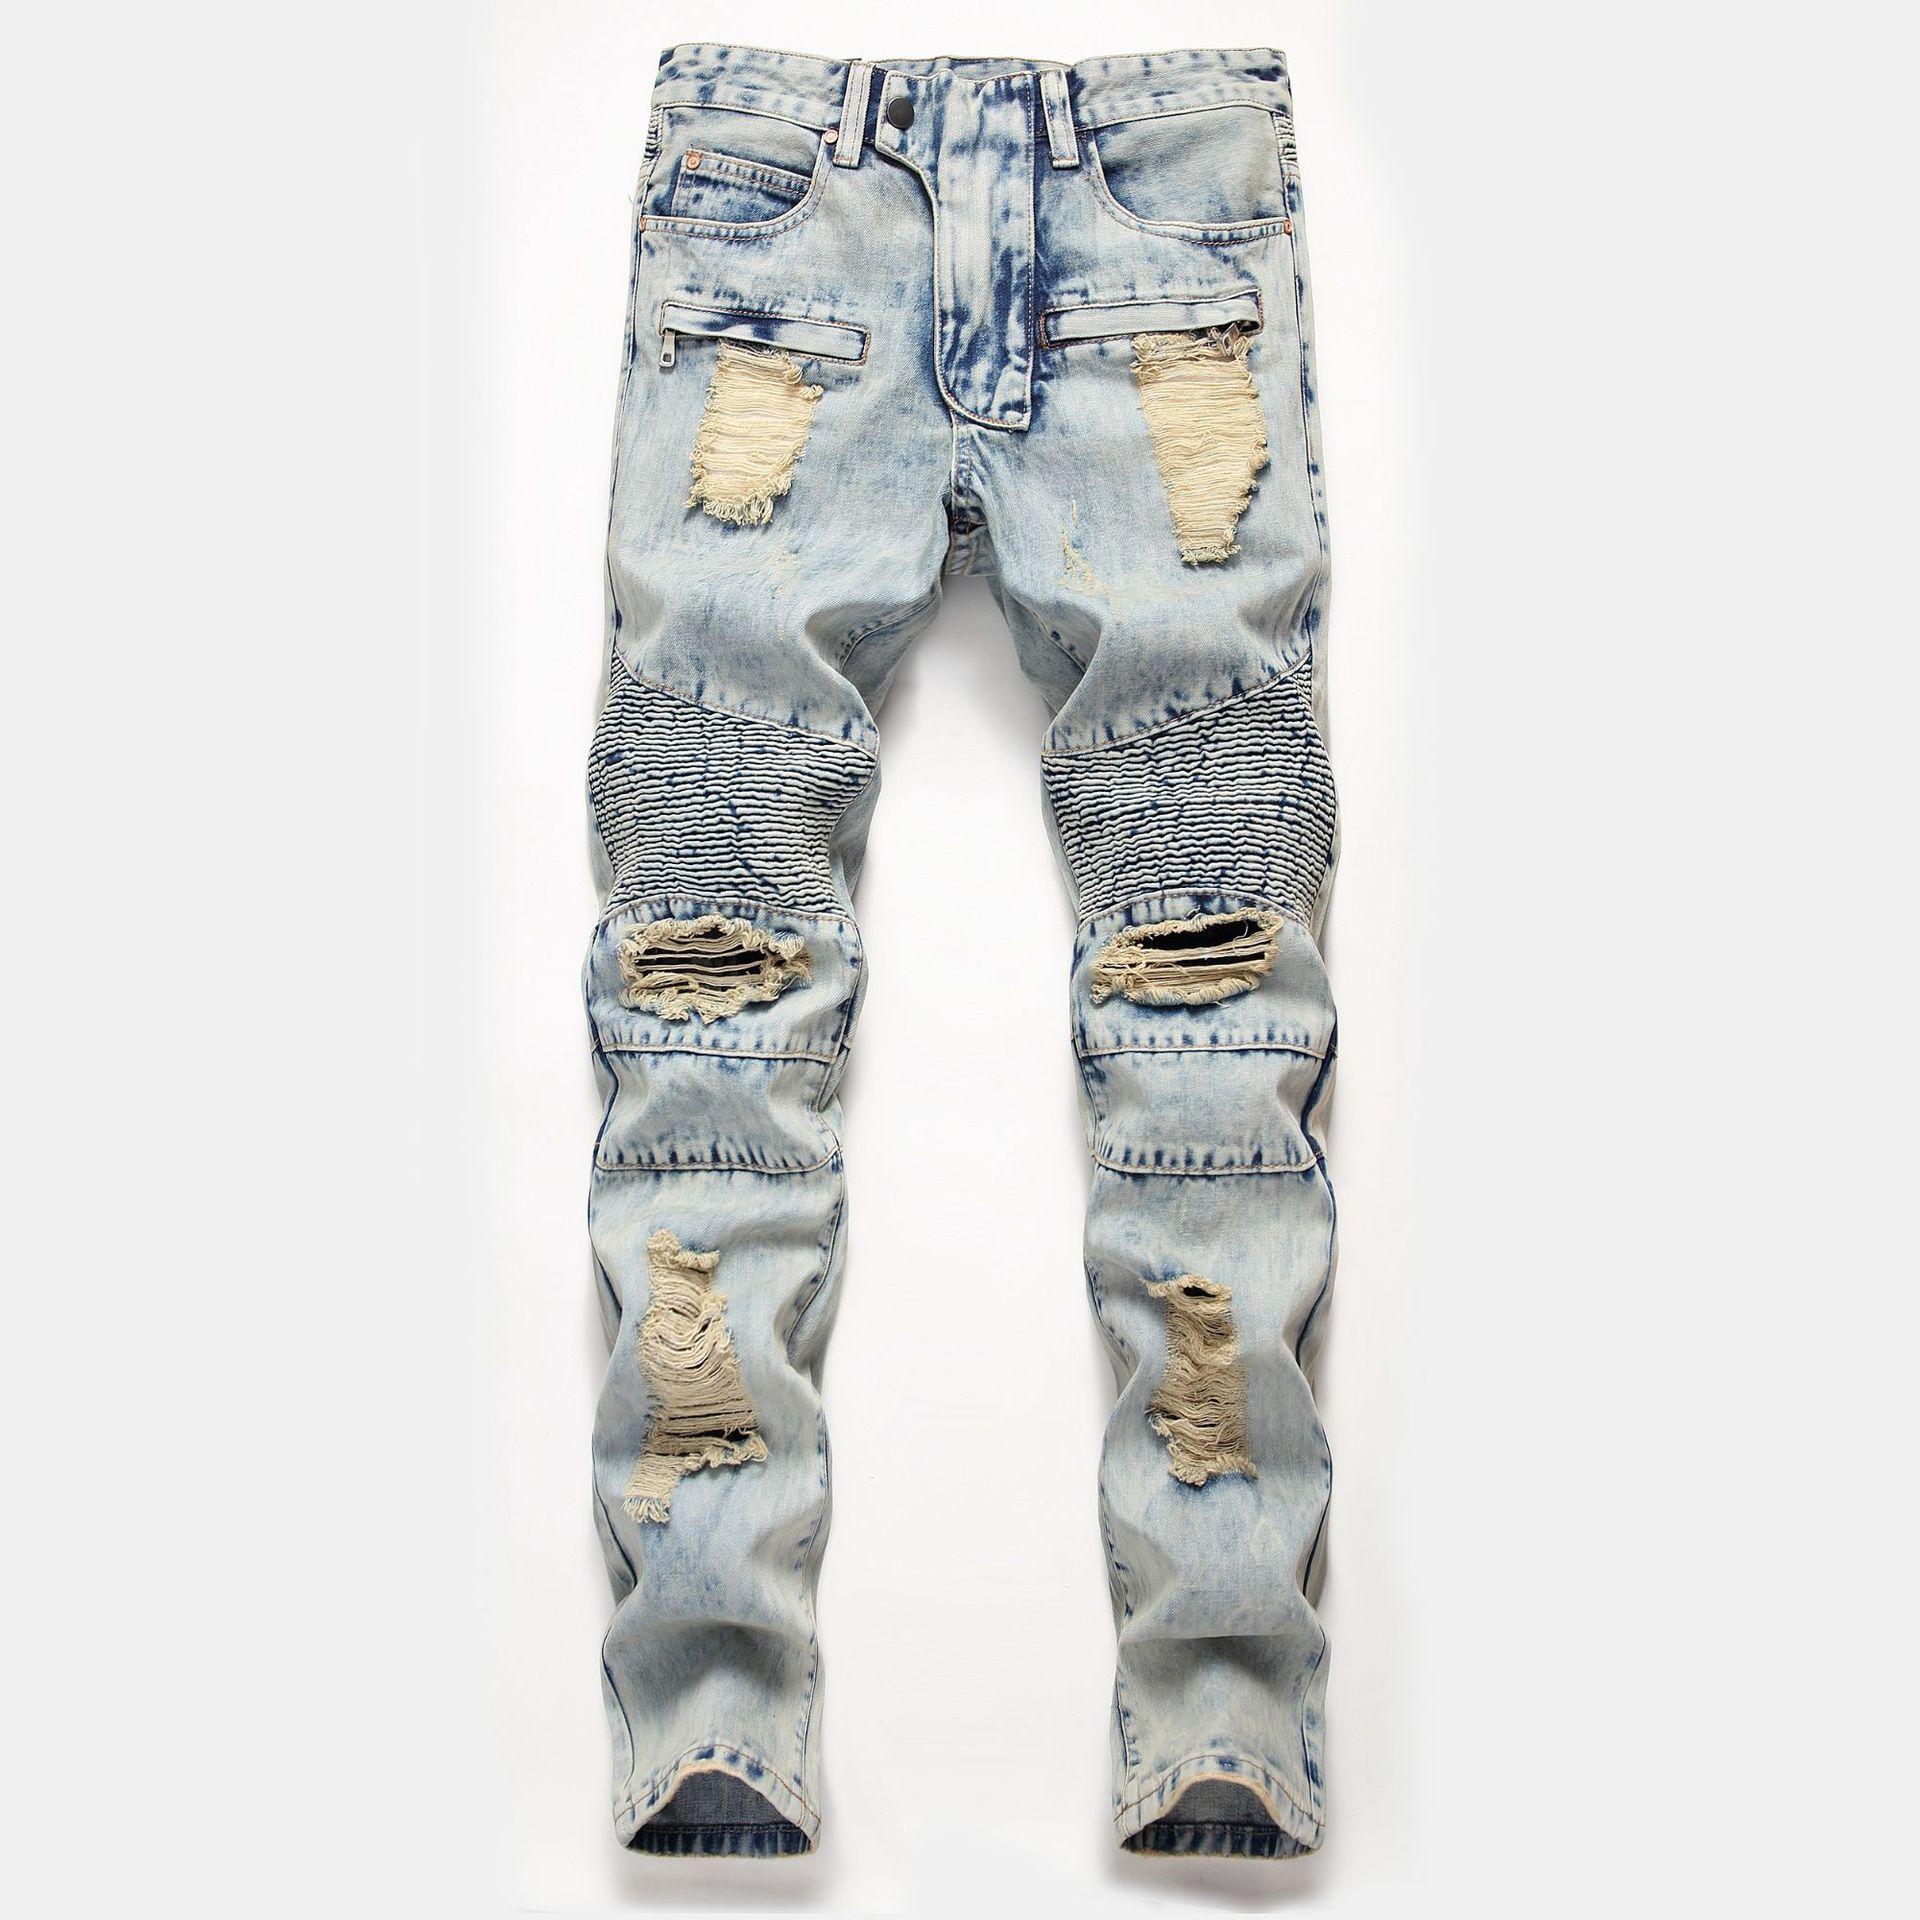 Hommes jean bleu clair Jeans Déchiré Slim Fit Jambe Droite Pantalon Pantalon grande taille A849q84